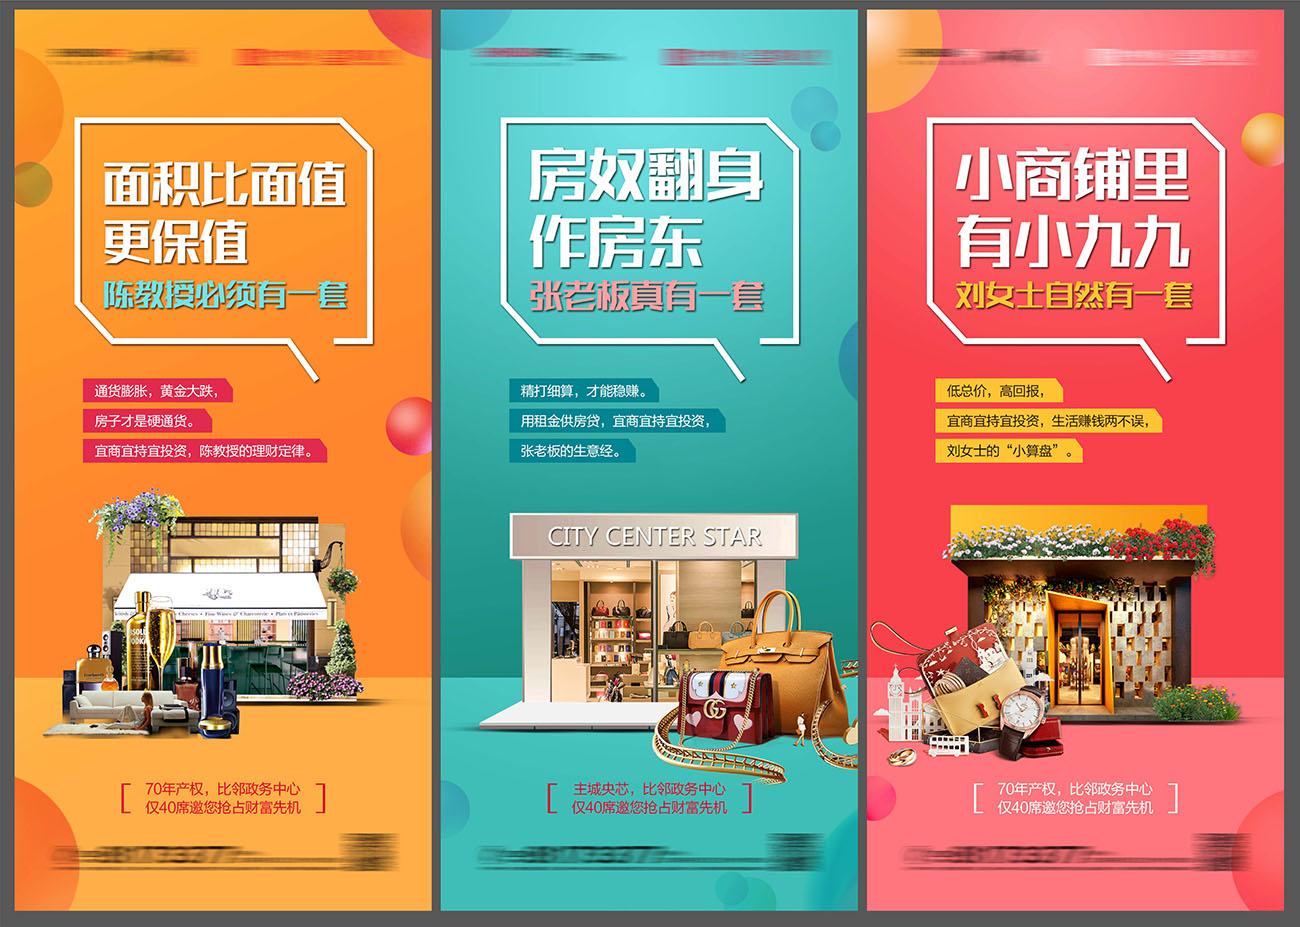 商业地产财富商铺系列海报PSD源文件插图